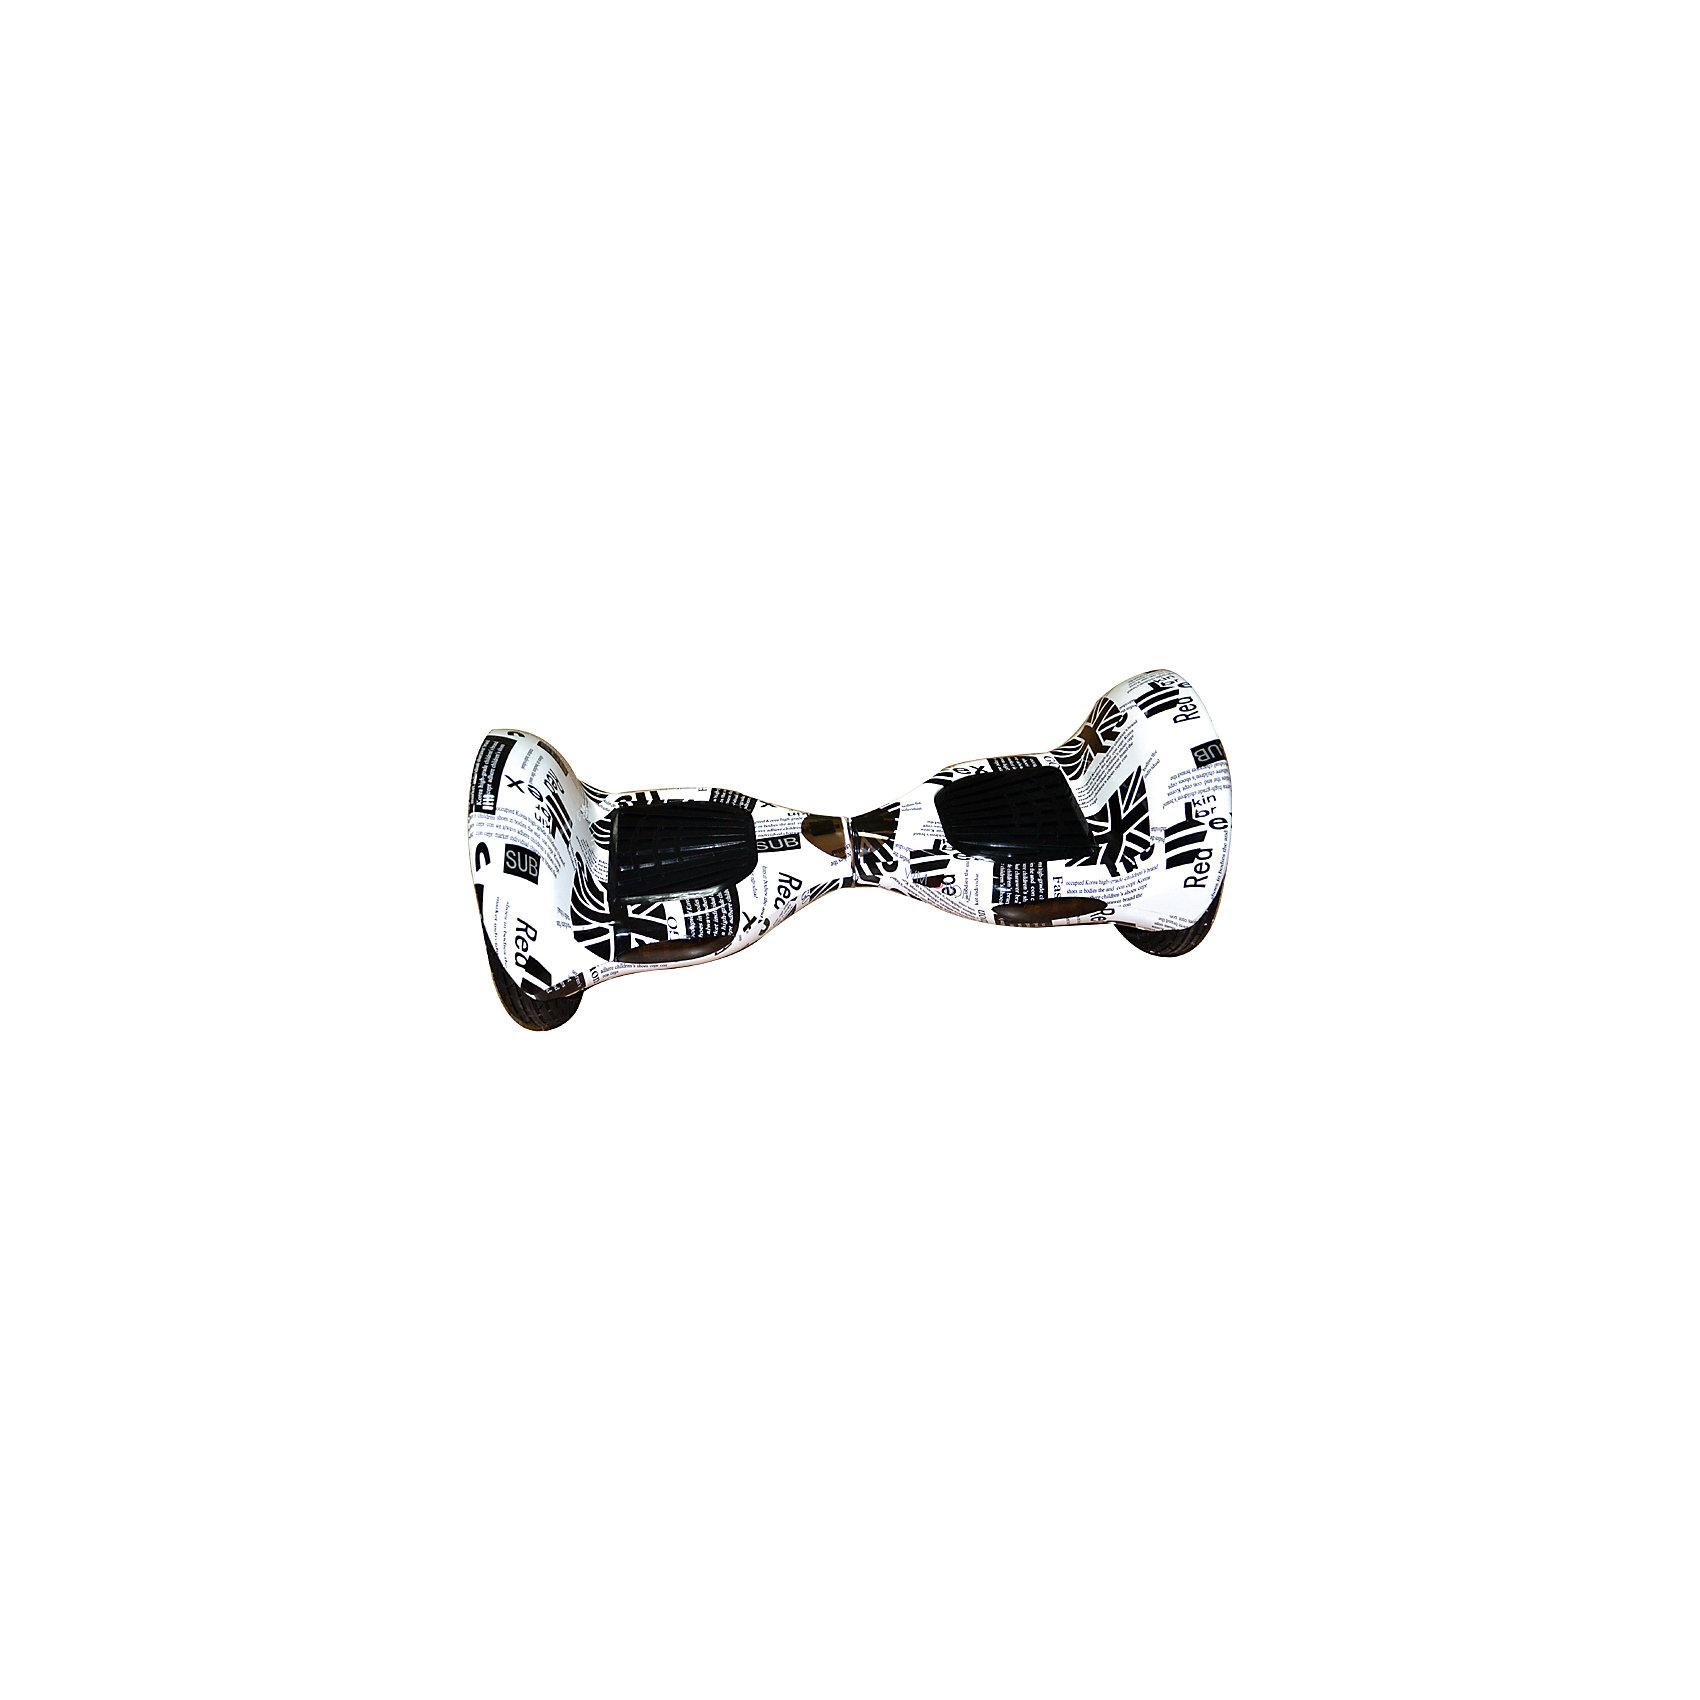 Гироскутер, флаг, WMOTIONХарактеристики товара:<br><br>• материал: металл<br>• размер: 66х27х27 см<br>• комплектация: гироскутер, зарядка, сумка, инструкция по эксплуатации, гарантийный талон, коробка<br>• цвет: черный, белый<br>• диаметр колёс: 10 дюймов<br>• максимальная нагрузка: 125 кг<br>• максимальная скорость – 12 км/ч <br>• максимальное расстояние, которое можно проехать на одном заряде: до 25 км <br>• мощность электродвигателя: 350 Вт<br>• ёмкость аккумулятора: 4 400 мАч<br>• время, необходимое для полной зарядки аккумулятора: до 1,5 ч<br>• встроенная колонка<br>• вес: 15 кг<br>• страна производитель: Китай<br>• страна бренда: Китай<br><br>Один из самых модных на настоящий моментов вид передвижения - это гироскутер. Он эффектно выглядит, позволяет ехать со скоростью выше, чем у пешеходов, но при этом достаточно безопасной для владельца. Управлять таким средством передвижения достаточно просто: нужно всего лишь переносить вес тела в определенное направление.<br><br>Такой гироскутер достаточно быстро заряжается, он не много весит. Модель уже пользуется популярностью в западных странах. Она действительно стильно выглядит, особенно в темноте с подсветкой, и позволяет выполнять эффектные трюки! Эта модель также имеет встроенные колонки, с помощью которых можно слушать музыку.<br><br>Гироскутер, флаг, от популярного бренда WMOTION можно купить в нашем интернет-магазине.<br><br>Ширина мм: 270<br>Глубина мм: 270<br>Высота мм: 660<br>Вес г: 12000<br>Возраст от месяцев: 60<br>Возраст до месяцев: 192<br>Пол: Унисекс<br>Возраст: Детский<br>SKU: 5482390